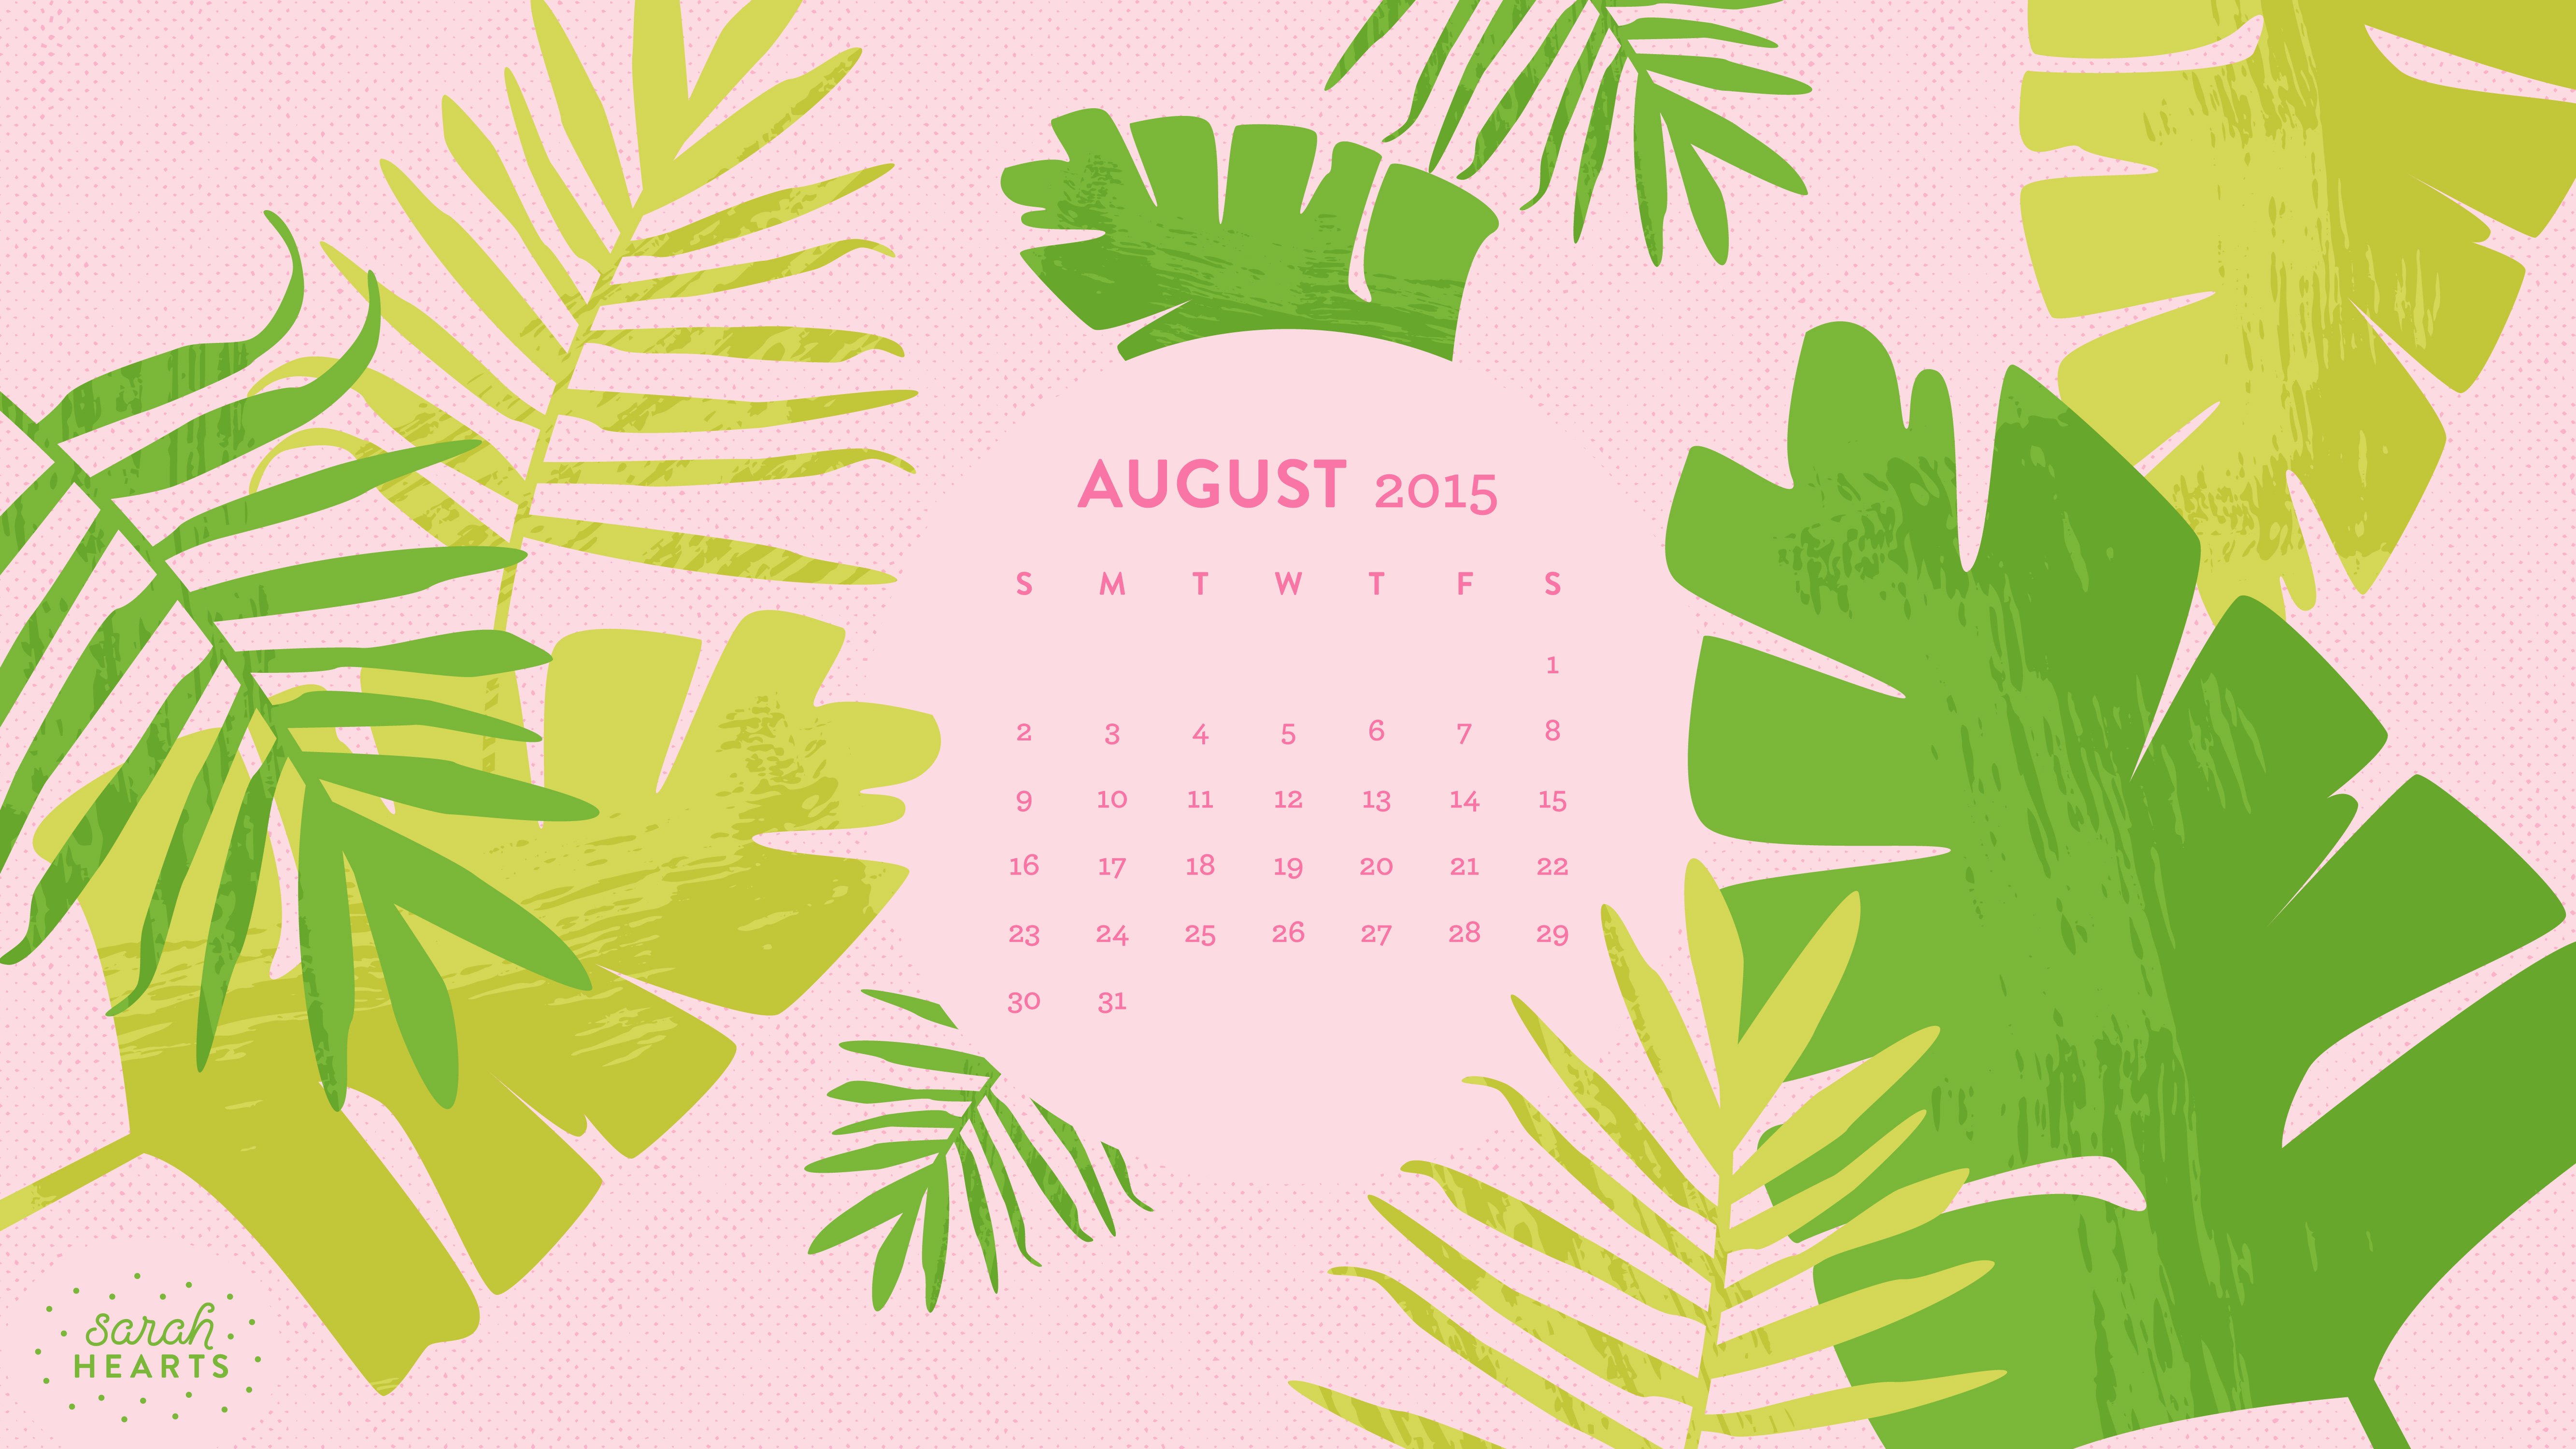 august2015_wallpaper_calendar_computer